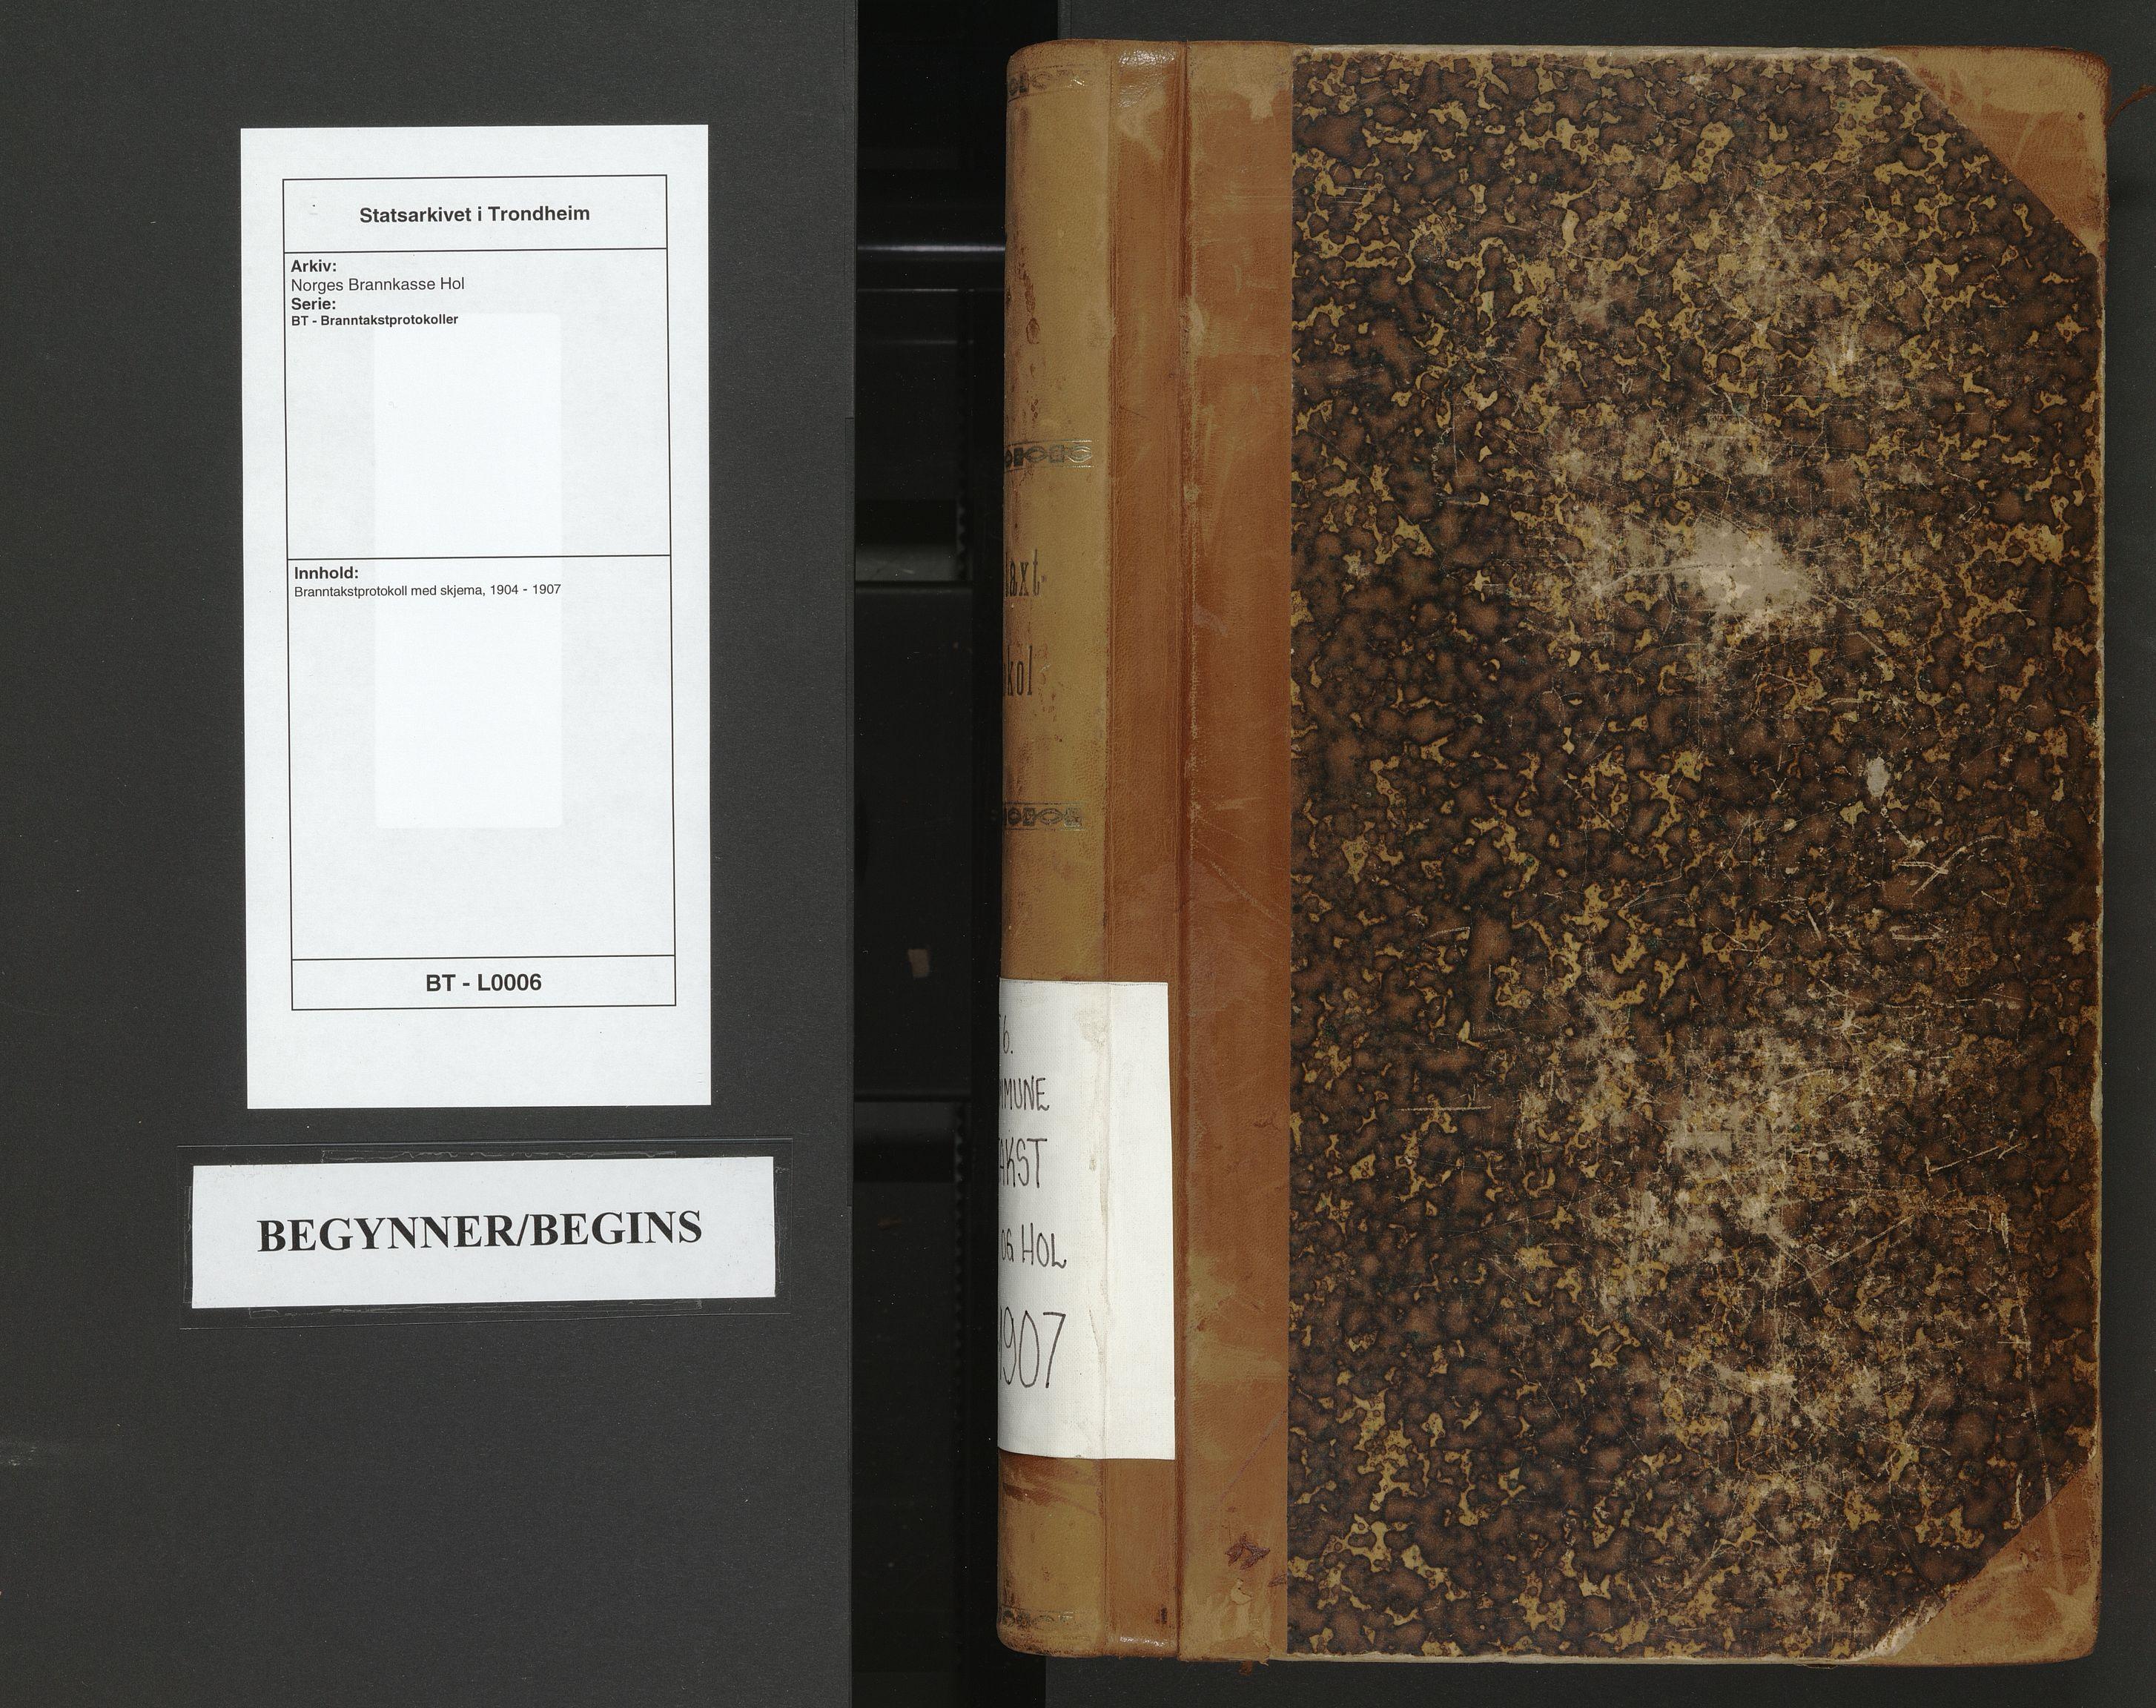 SAT, Norges Brannkasse Hol, BT/L0006: Branntakstprotokoll med skjema, 1904-1907